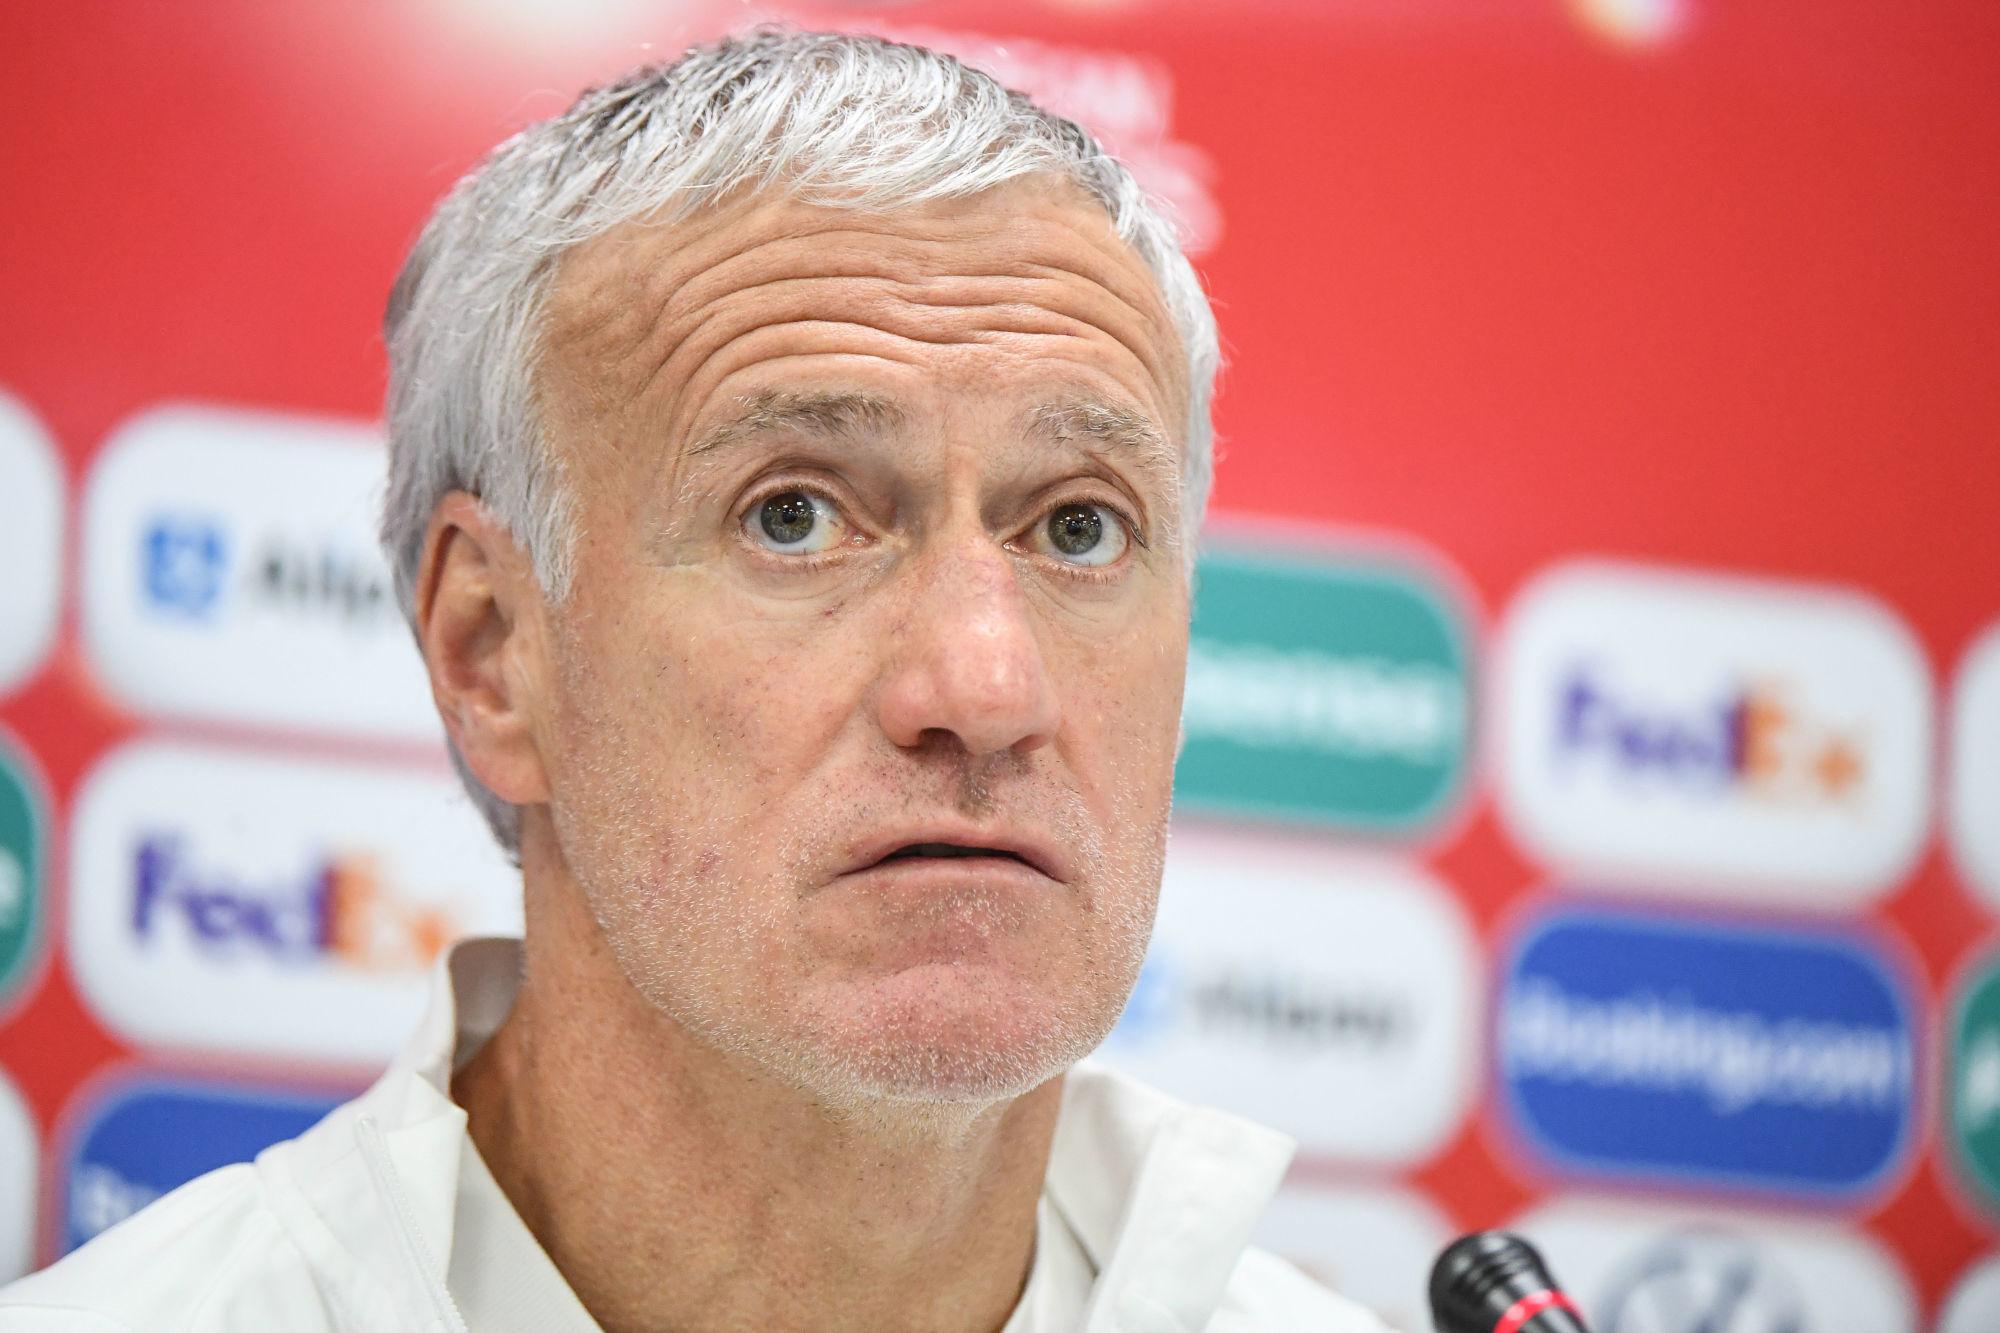 """Deschamps évoque les mauvais matchs de Mbappé """"Je ne le sens pas du tout affecté"""""""